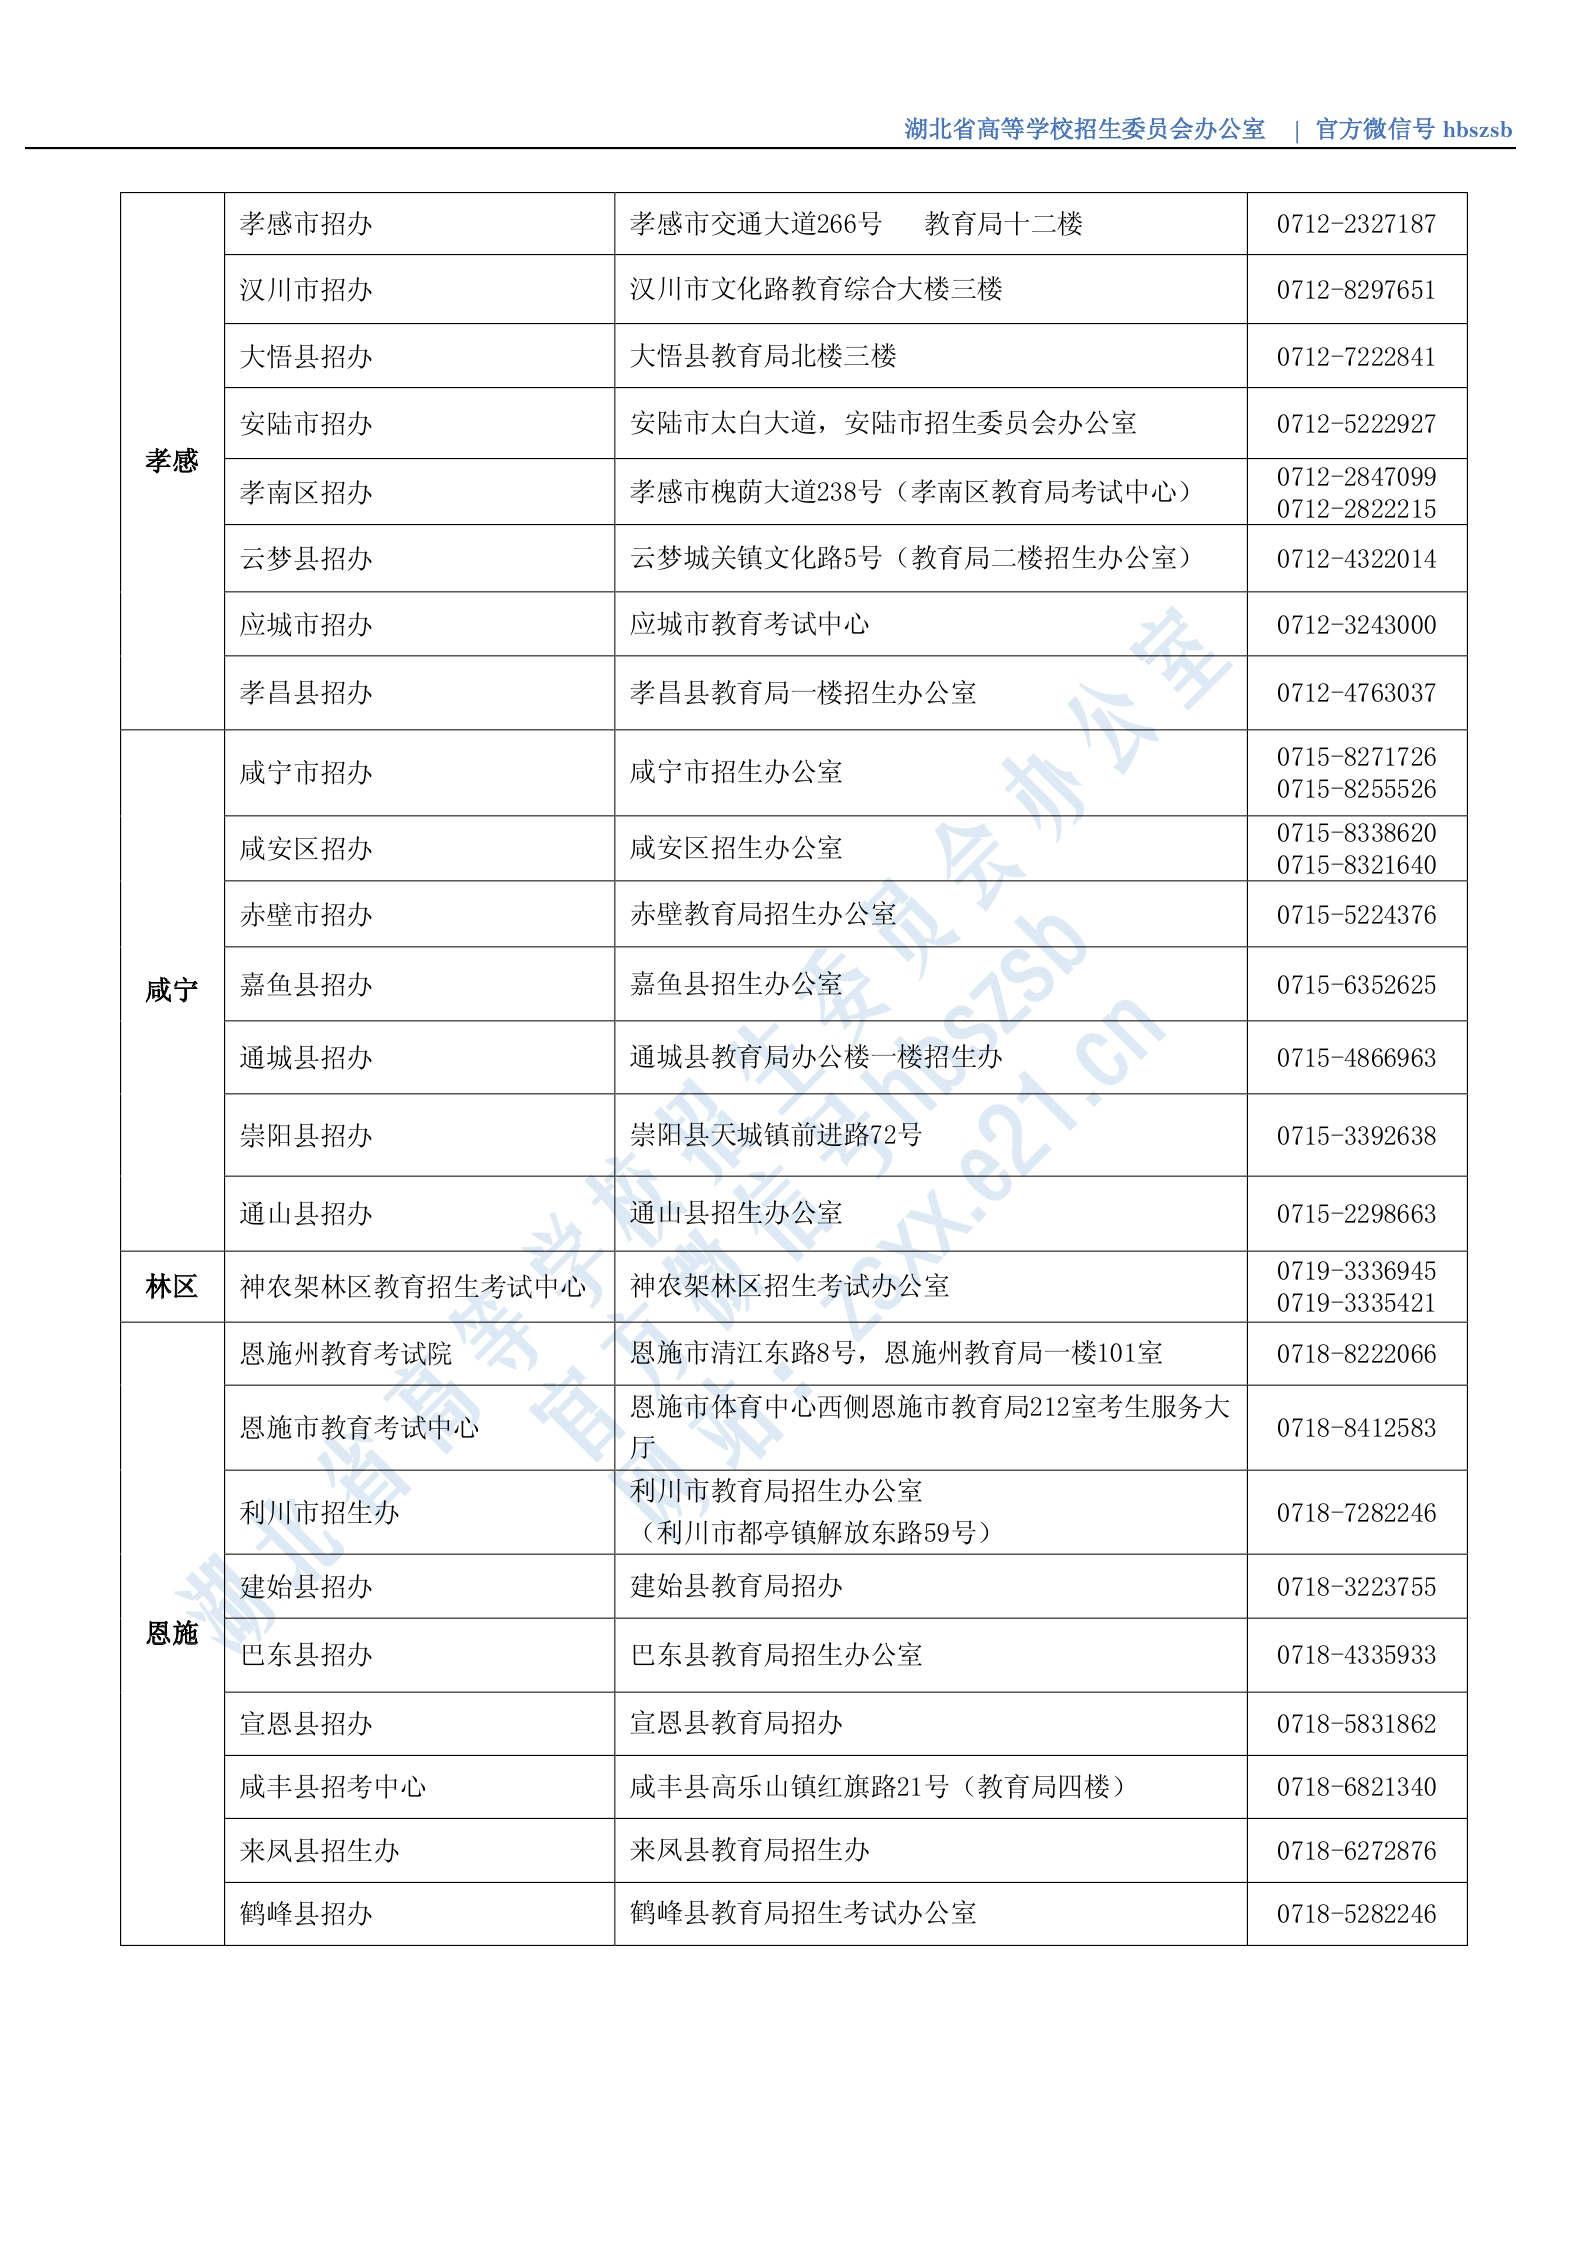 湖北省2020年市(县、区)招办咨询接待联系方式